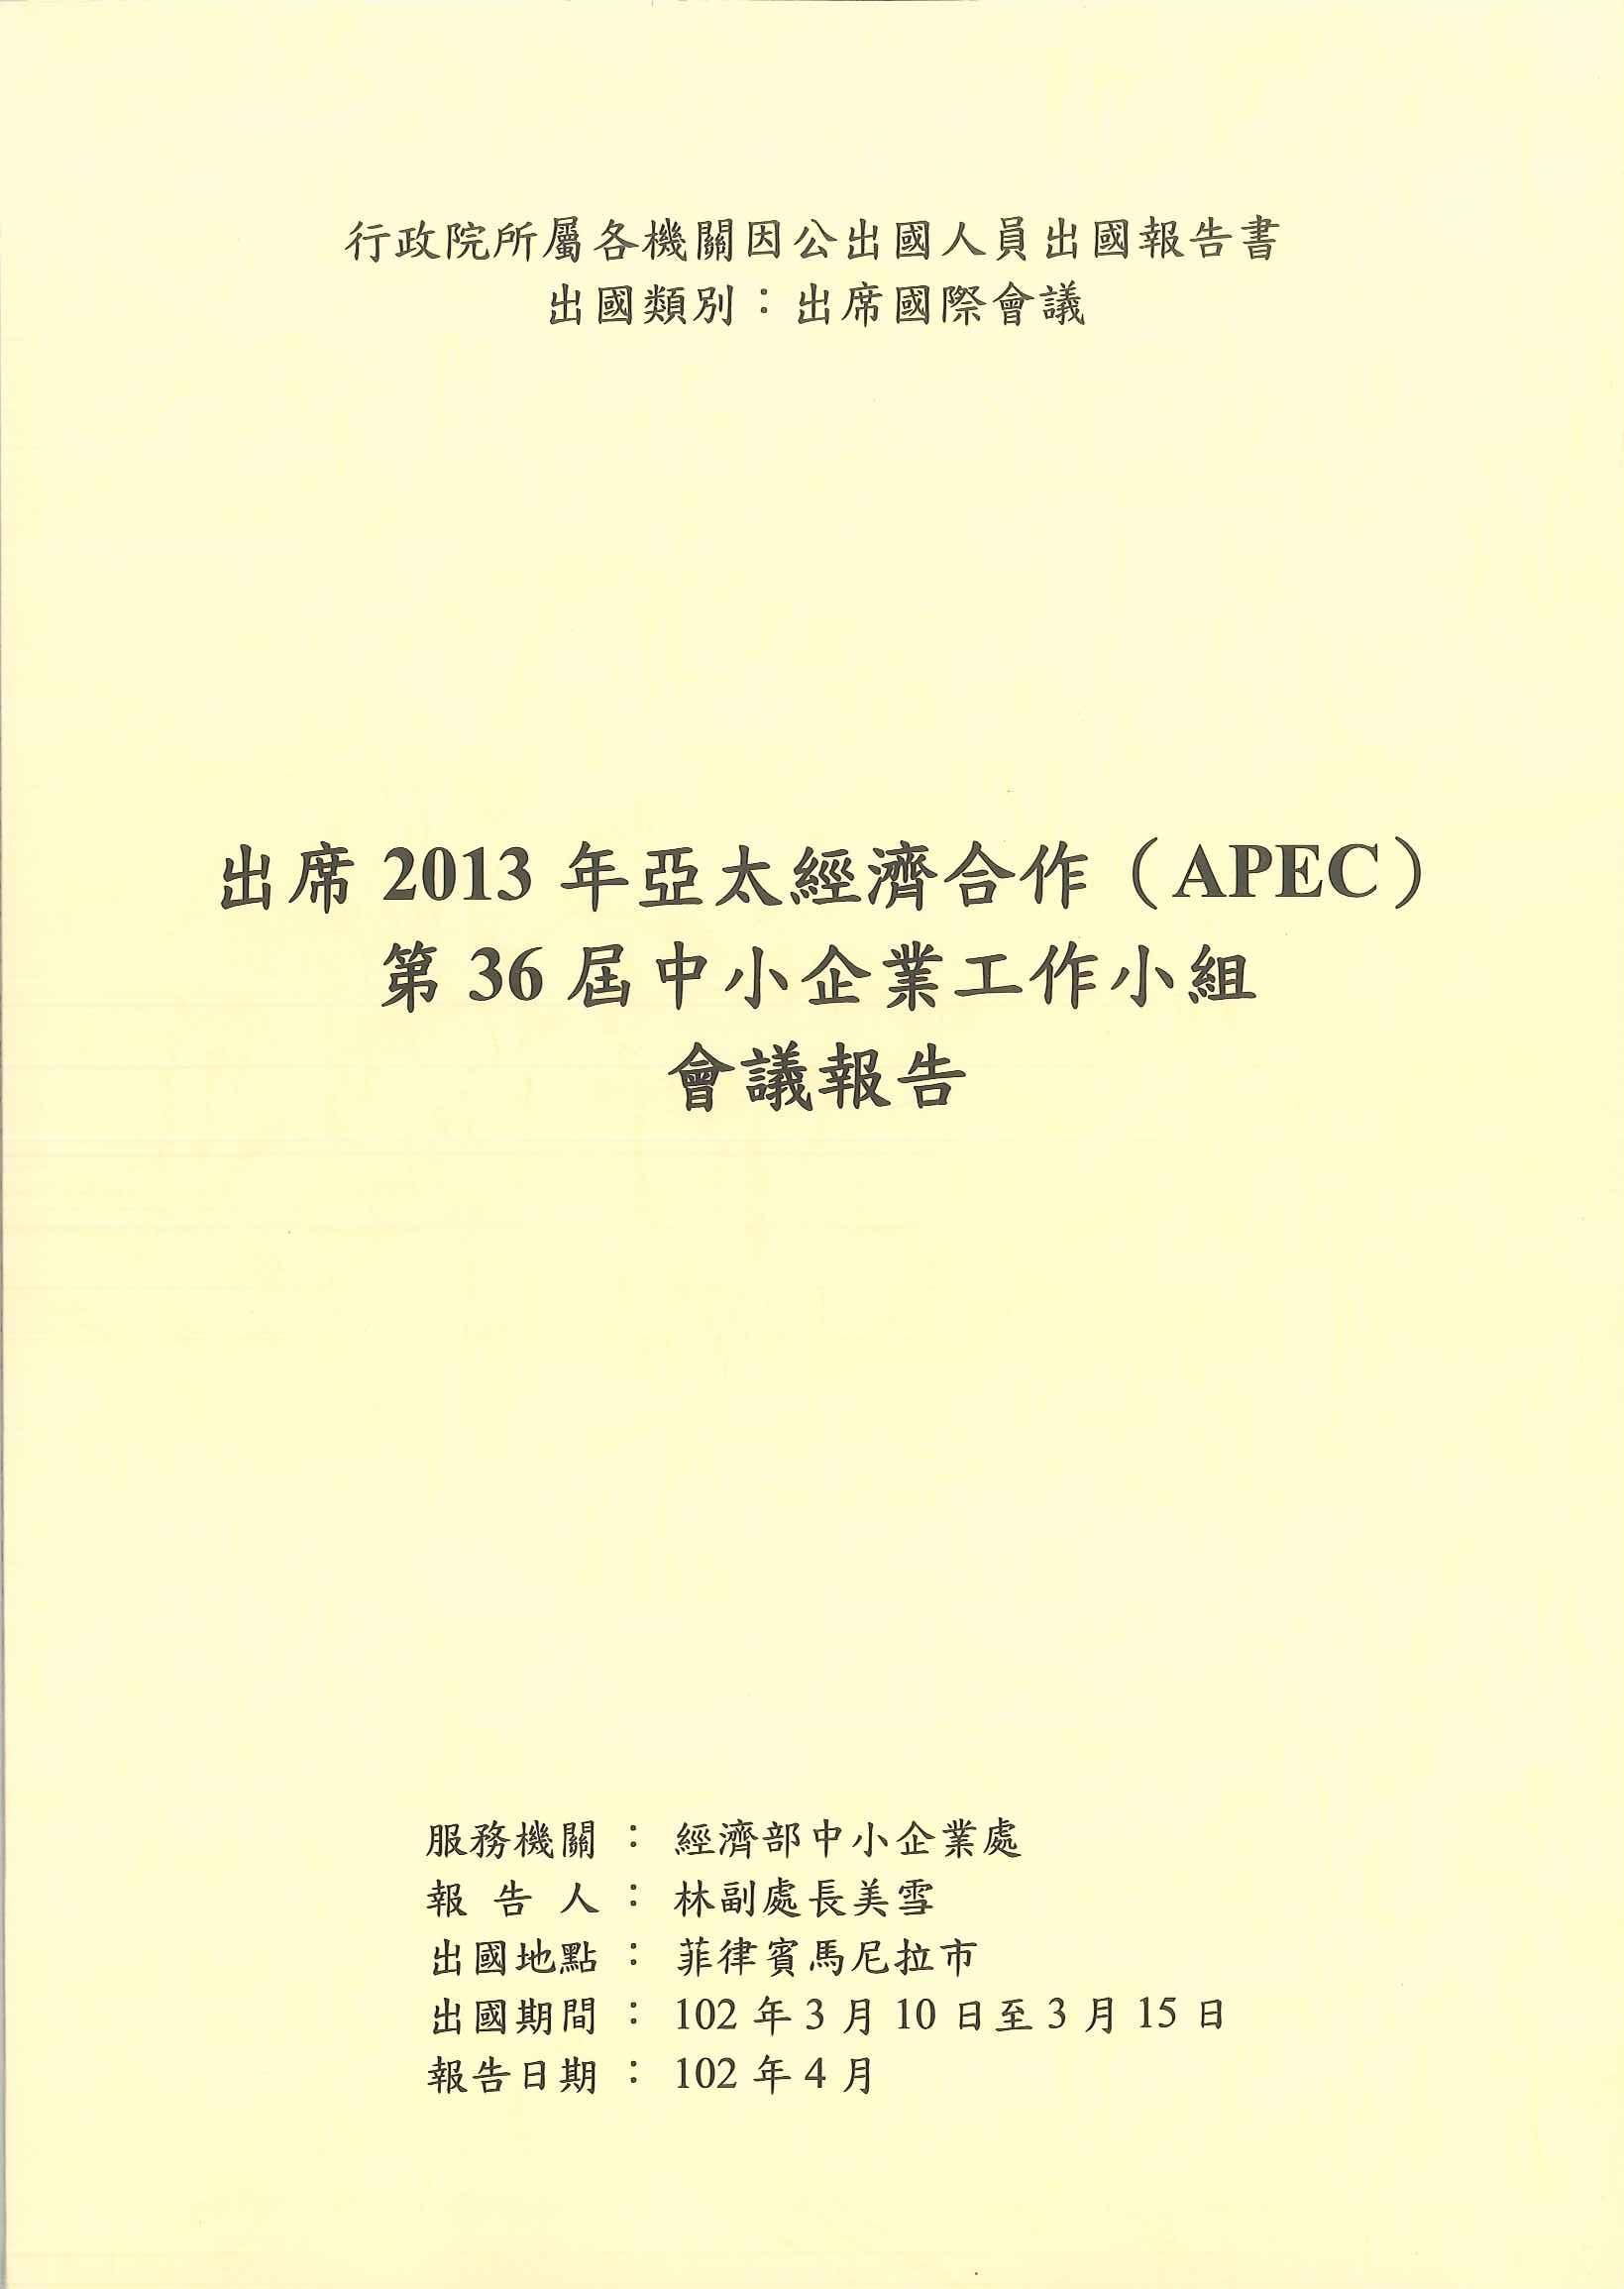 出席2013年亞太經濟合作(APEC)第36屆中小企業工作小組會議報告